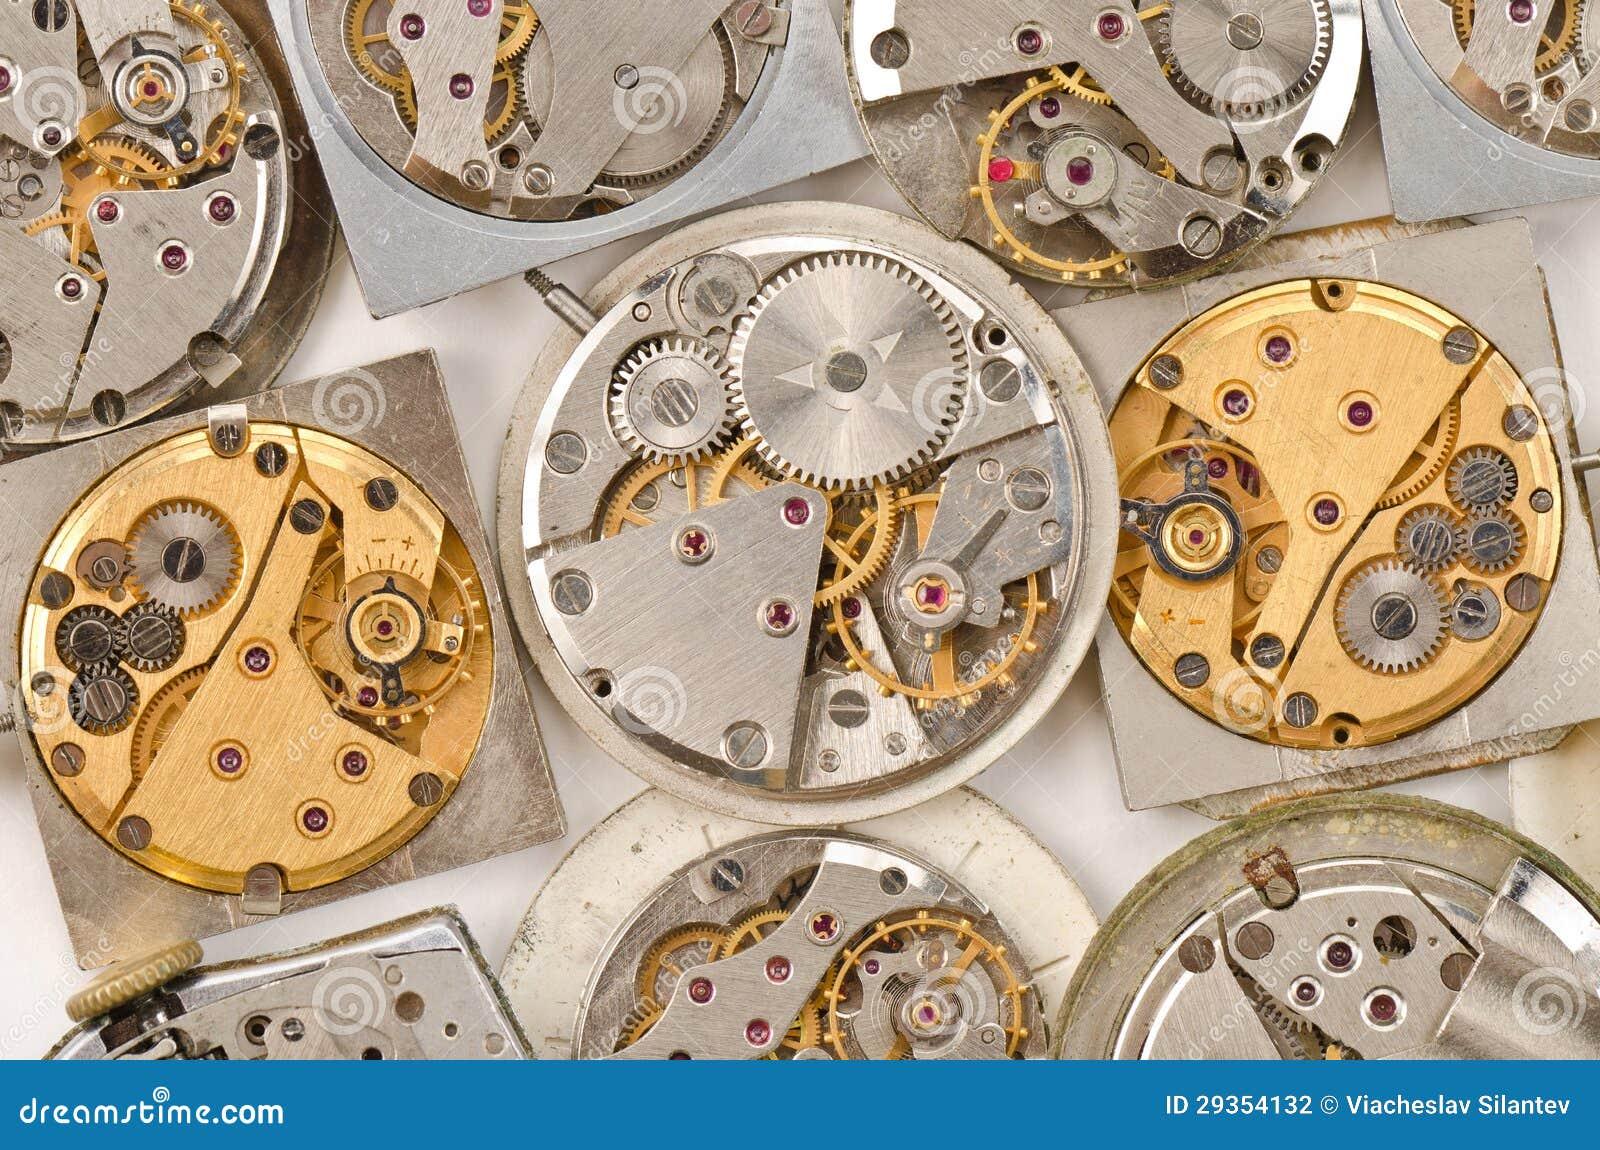 Mecanismo de relojería